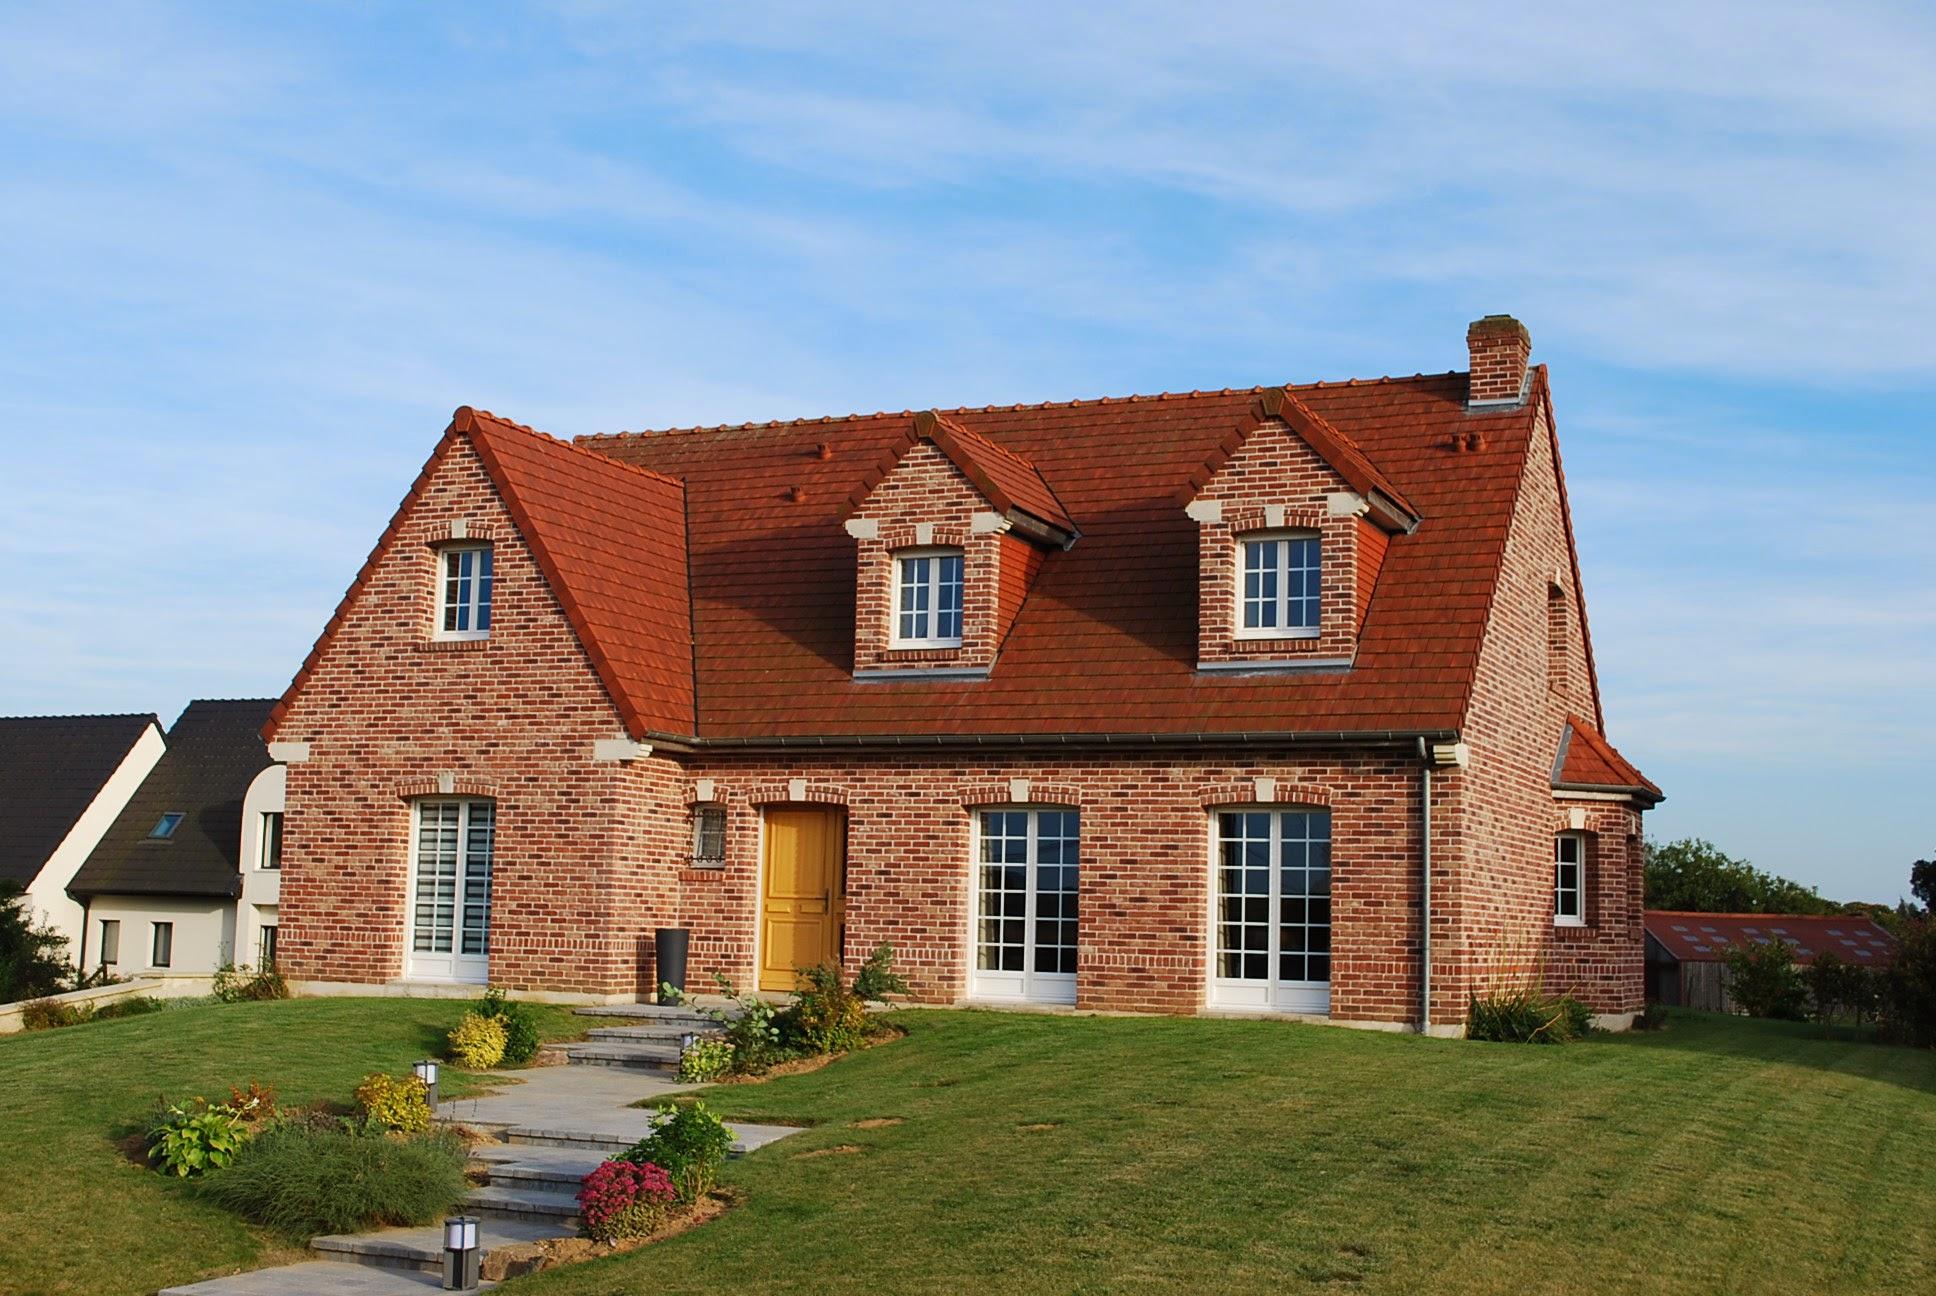 Maison nord pas de calais maison moderne for B b maison du nord